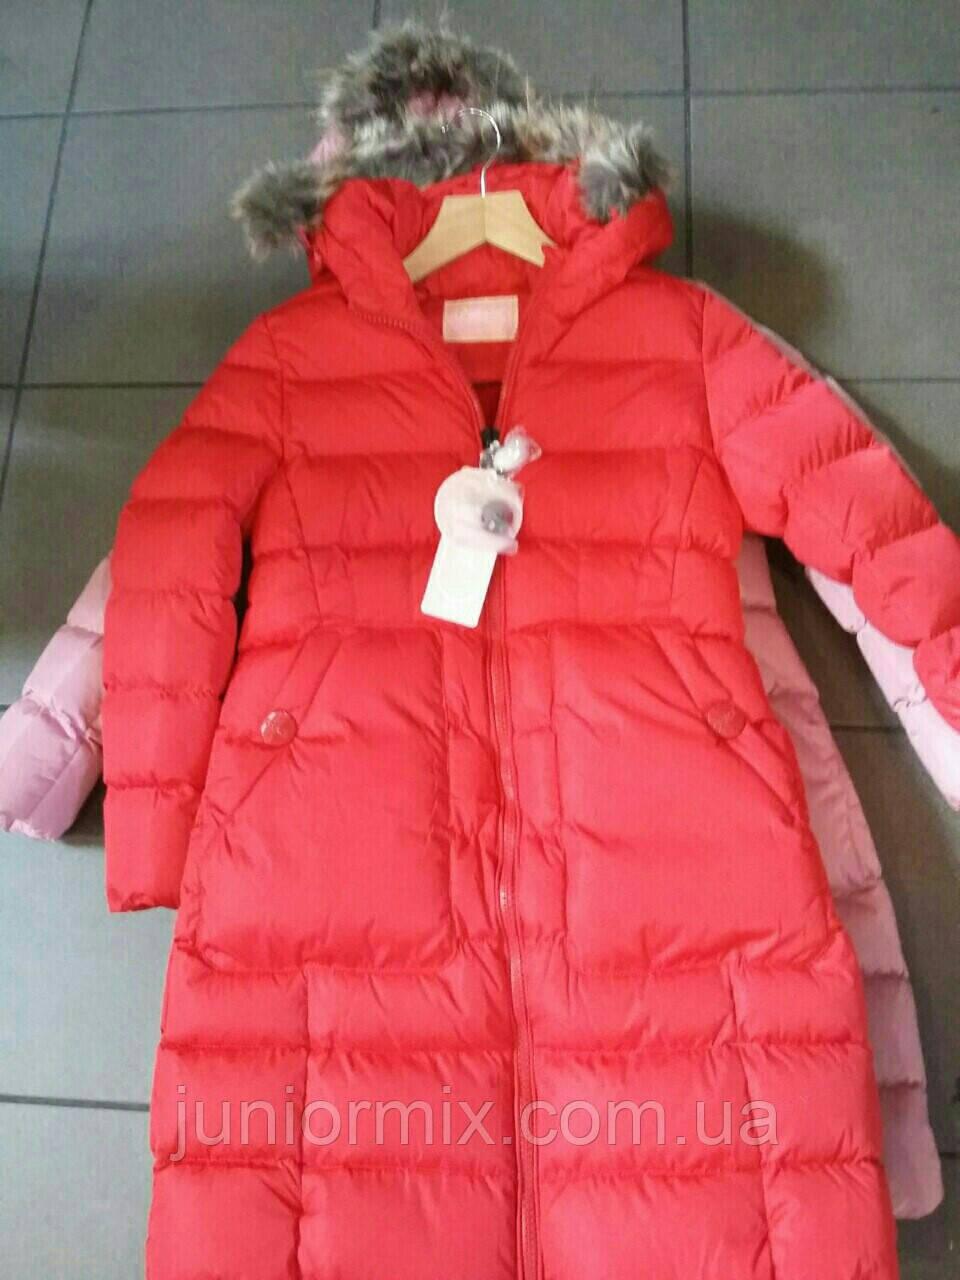 Куртка удлинённая  зимняя на девочку  GRACE.